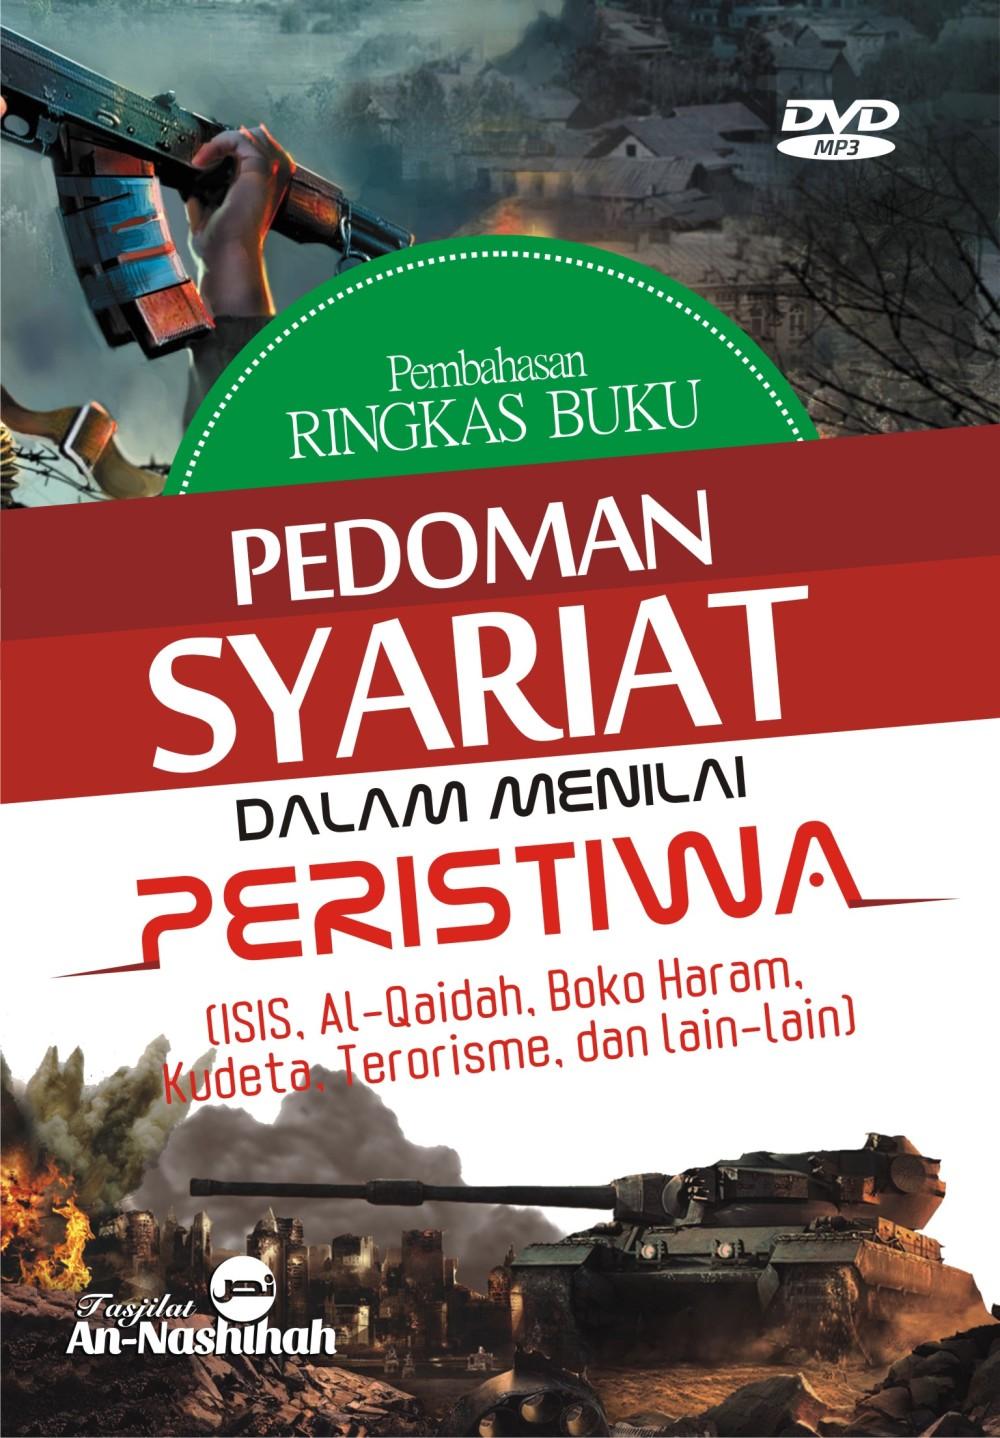 Pedoman-Syariat-Dalam-Menilai-Peristiwa.jpg